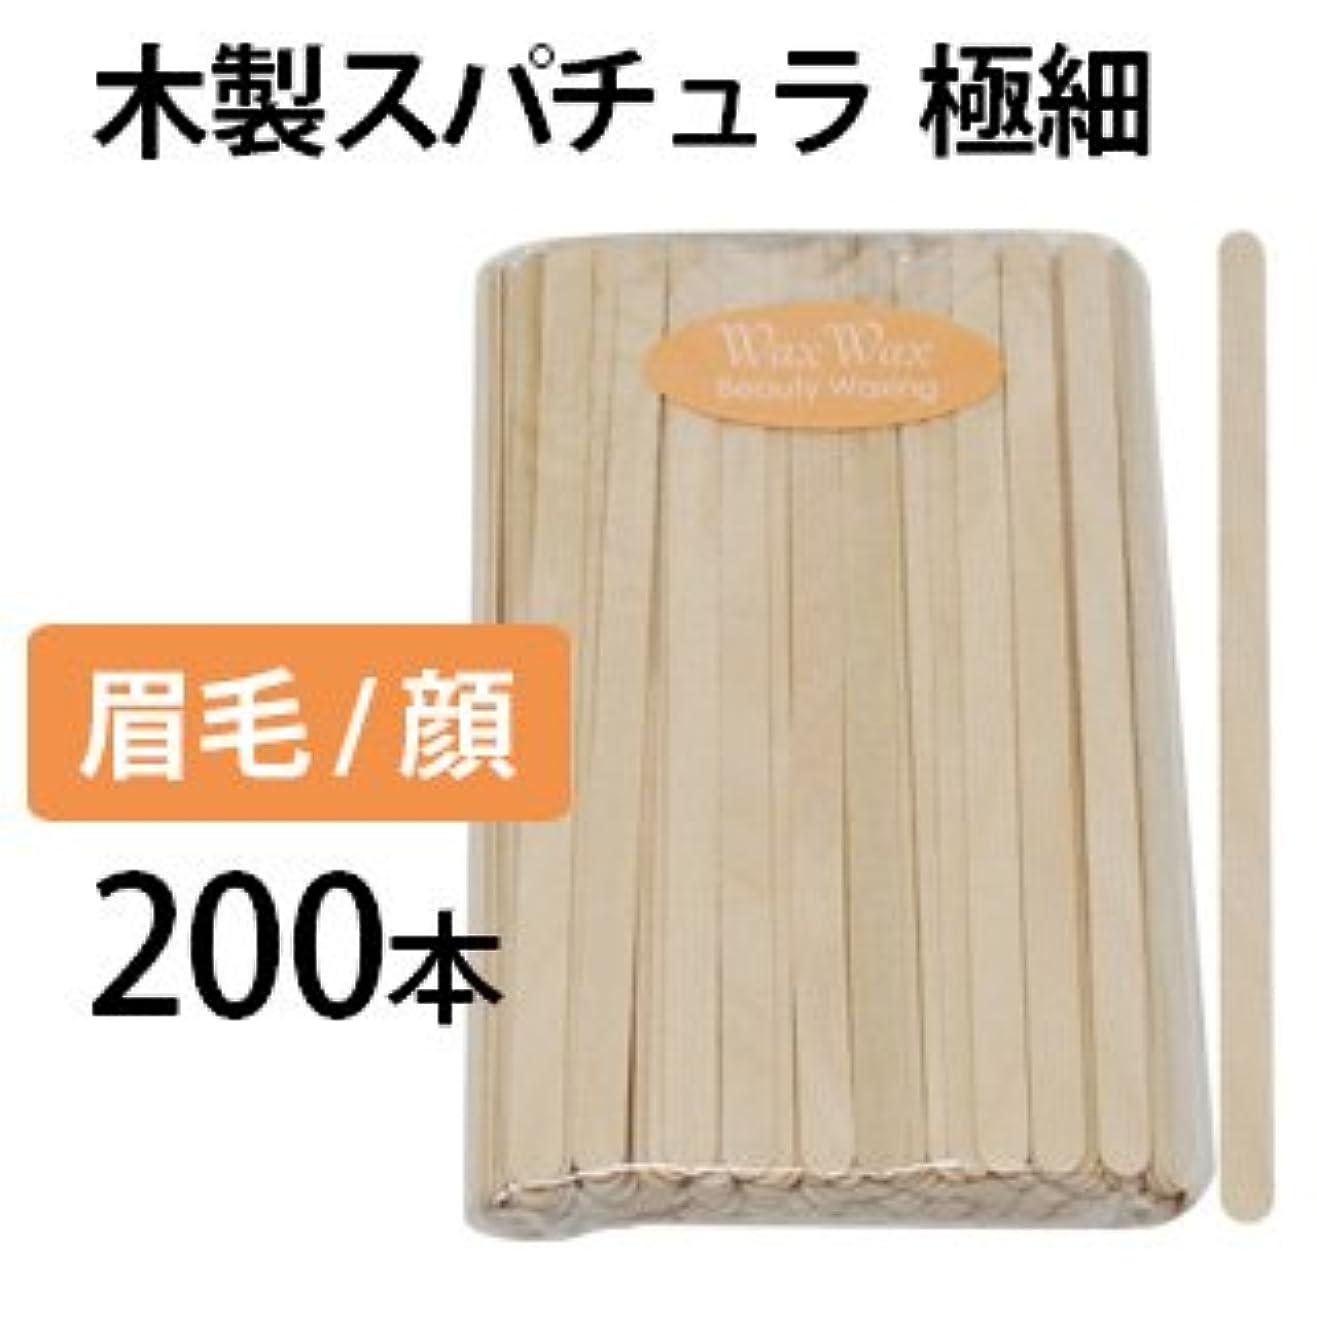 チキンアレンジパネル眉毛 アイブロウ用スパチュラ 200本セット 極細 木製スパチュラ 使い捨て